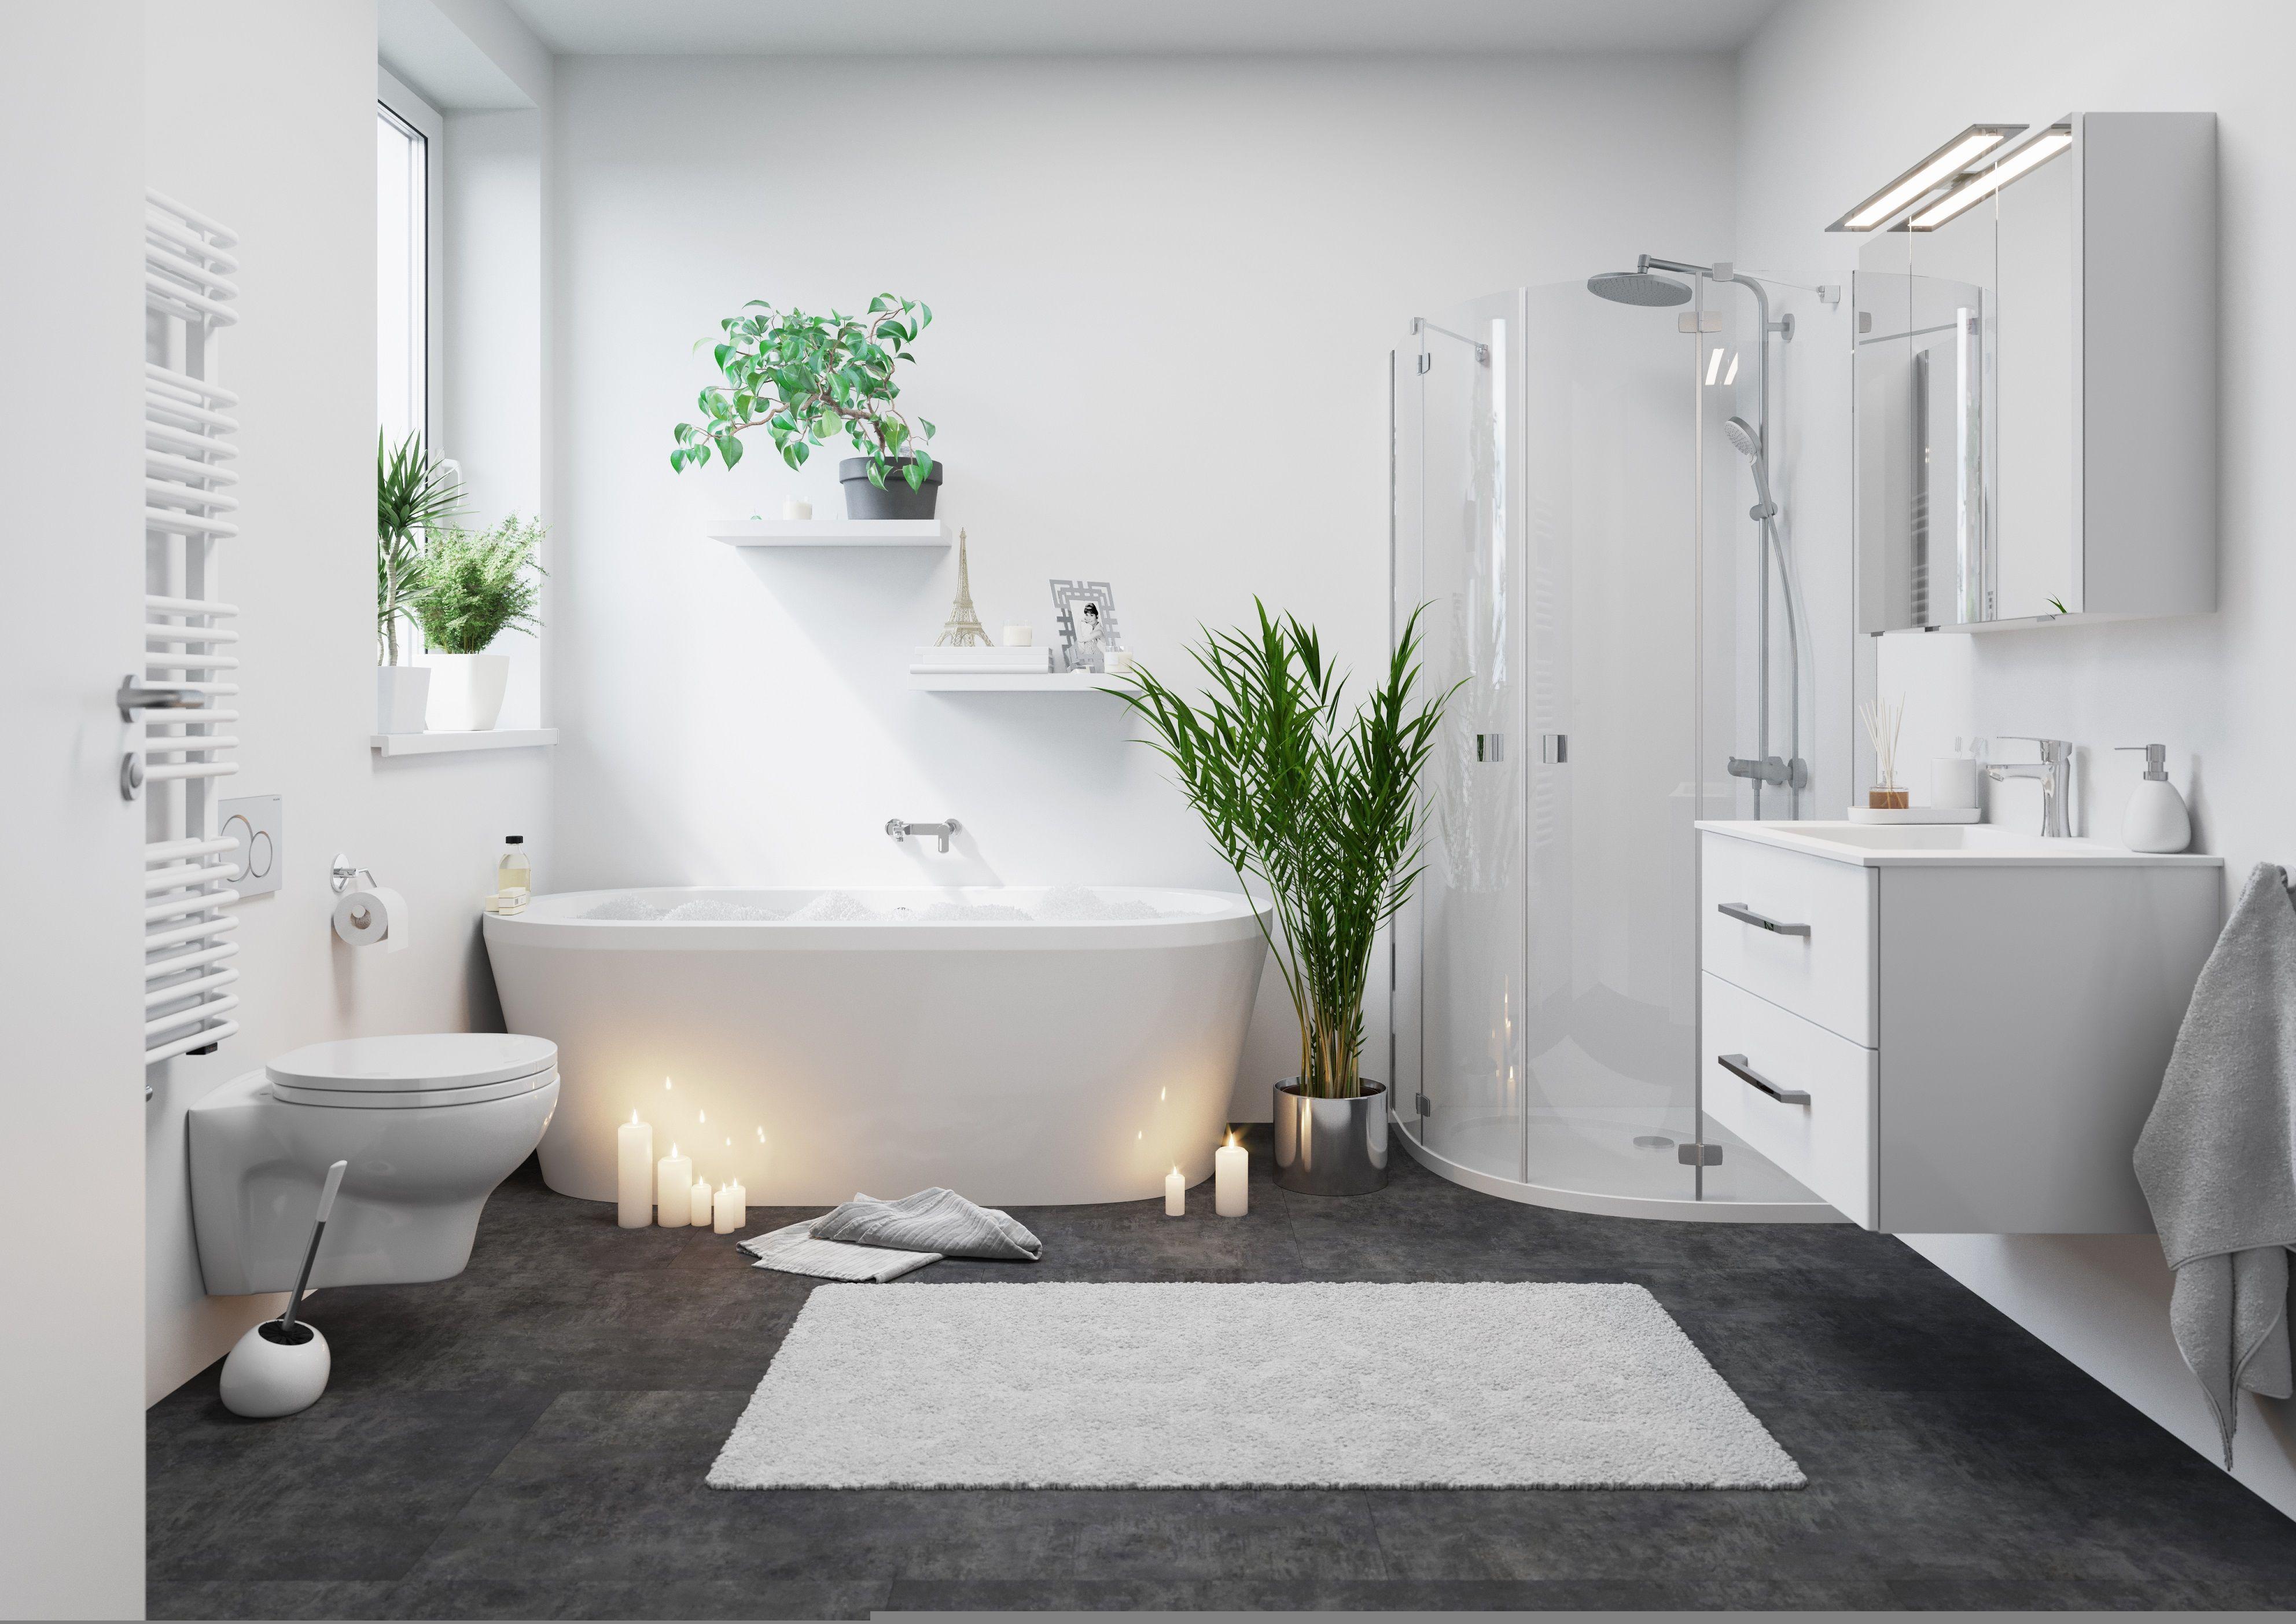 Badezimmer Dekorieren Wohlf Hl Atmosph Re In Ihrem Bad Obi Diydekorationenbadezimmer Dekorationenbadezim In 2020 Bad Einrichten Badezimmer Schone Badezimmer